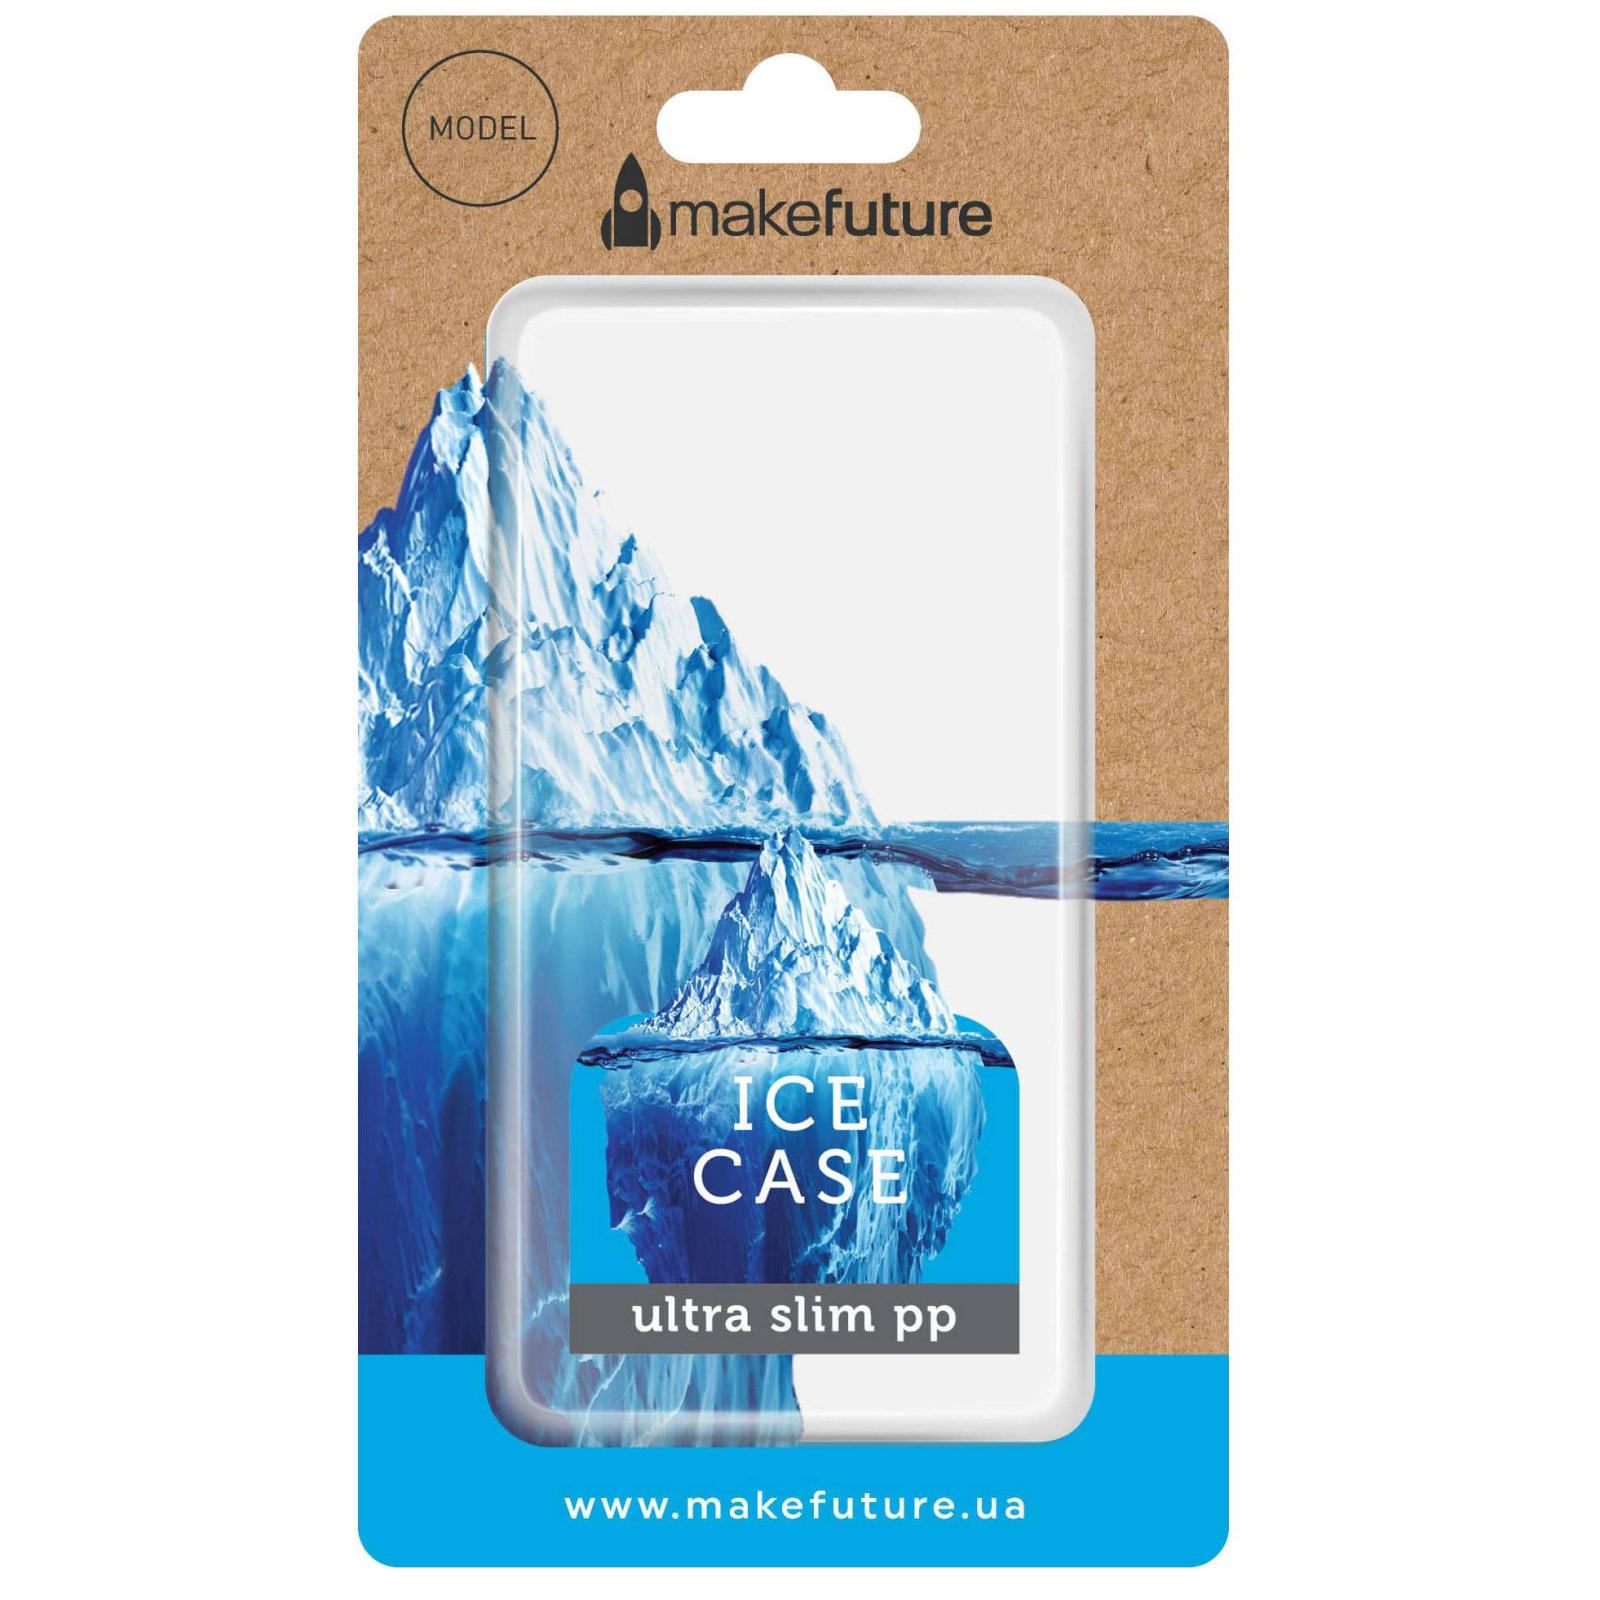 Чехол для моб. телефона MakeFuture Ice Case (PP) для Samsung S8 Grey (MCI-SS8GR) изображение 4